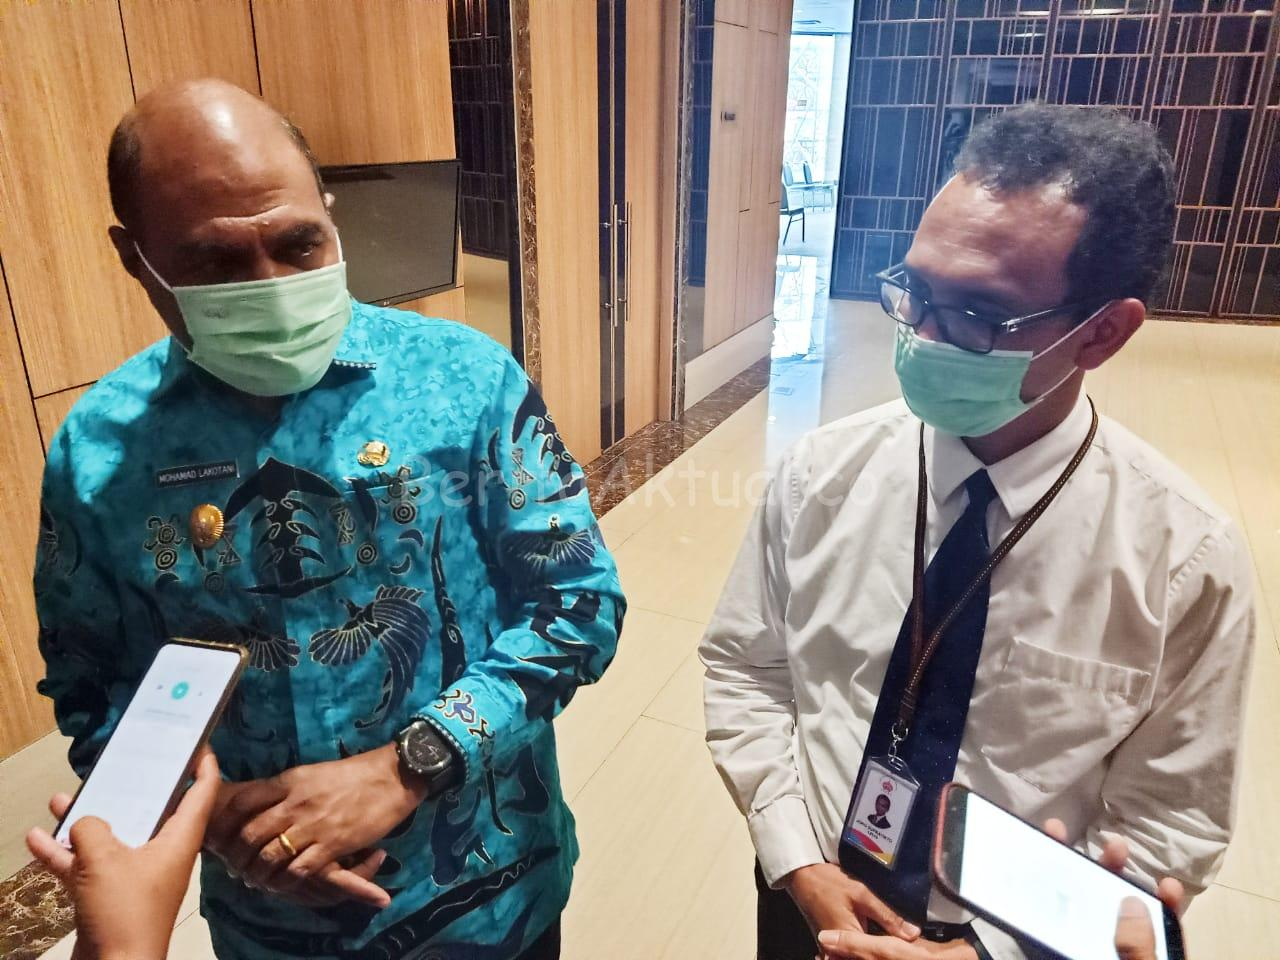 Wagub PB: Kita di Papua Barat Kurang Pasokan Bawang Merah Dan Bawang Putih 25 IMG 20200625 WA0019